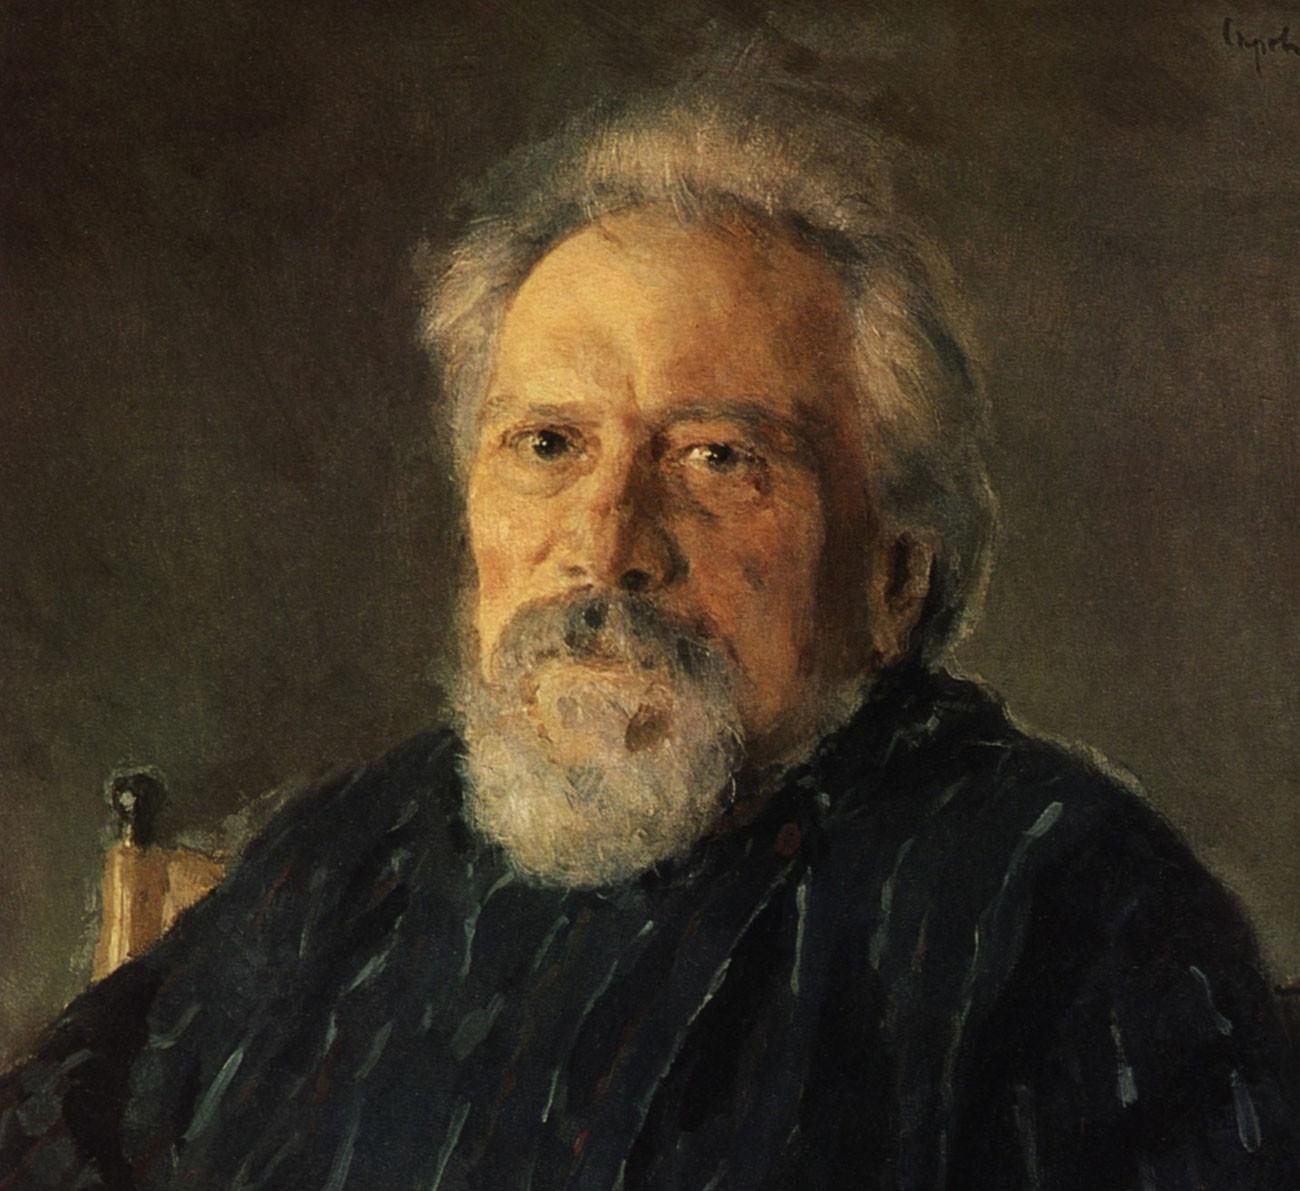 Leskóv retratado por Valentín Serov.